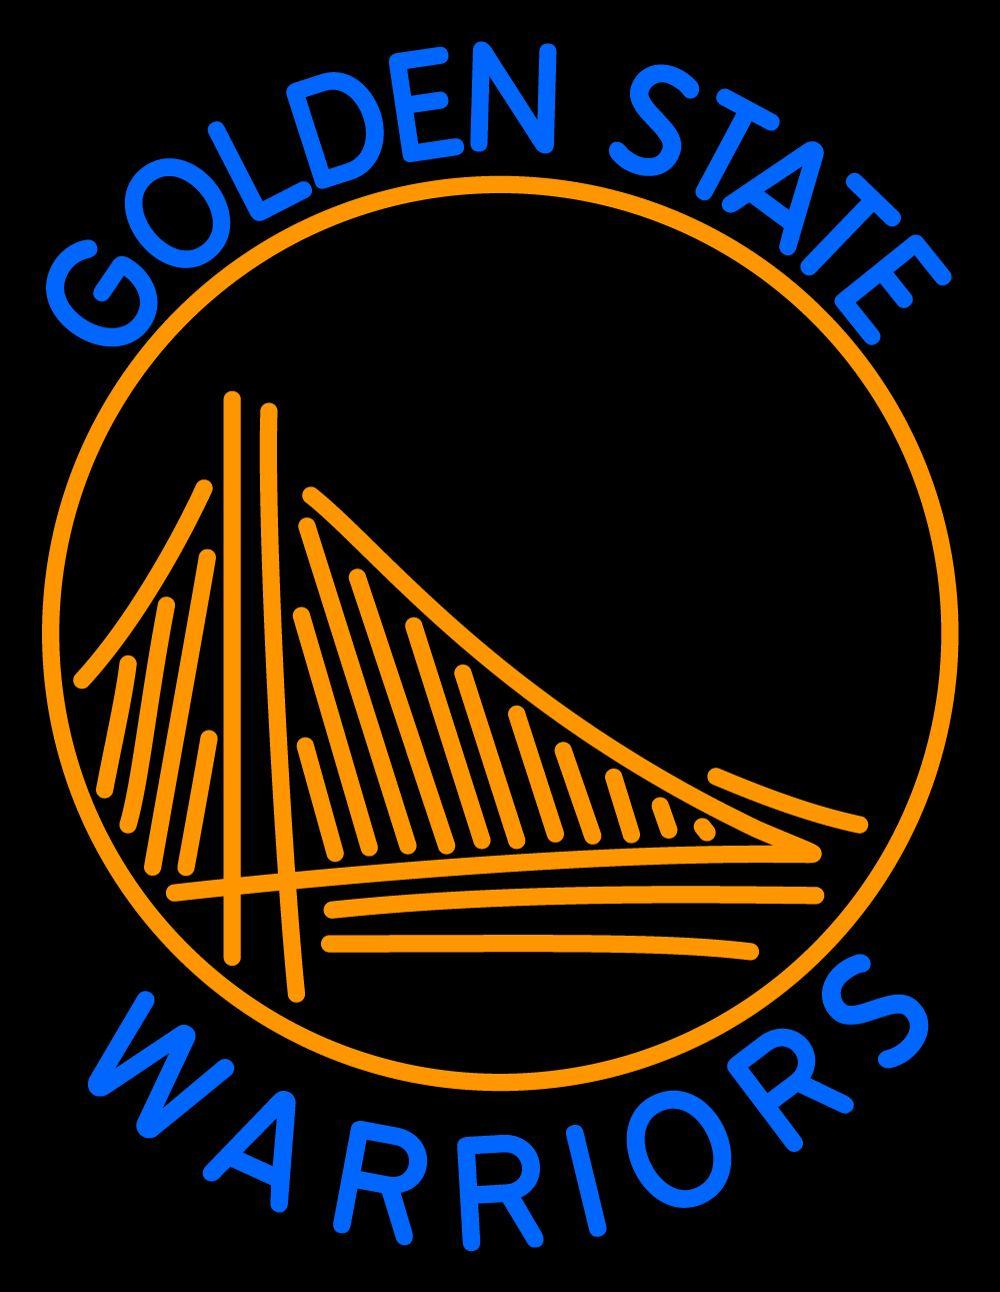 Golden State Diseños Fluorescentes Pinterest Golden